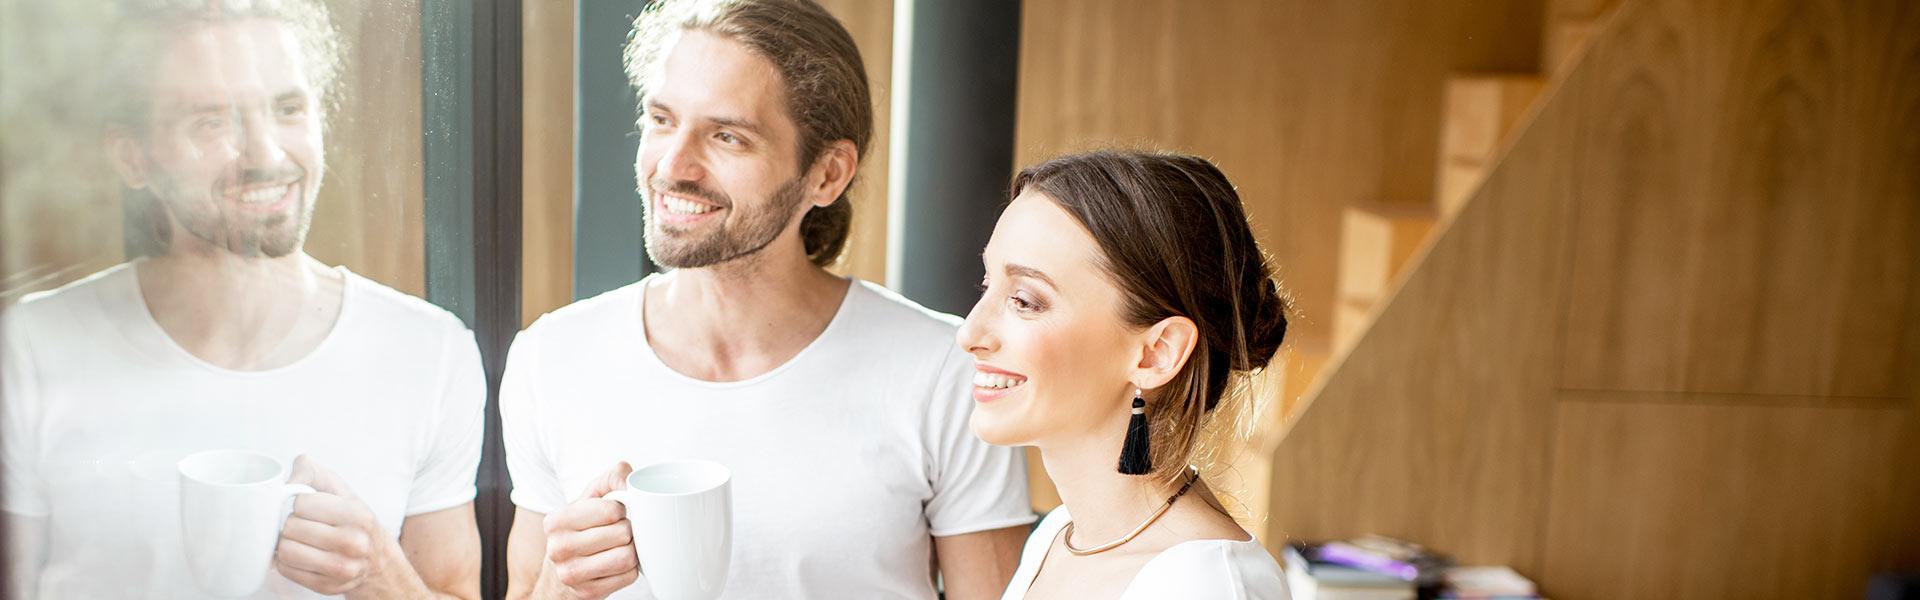 SCHWARZWALD CLT - Imagefoto junges Paar im Holzhaus